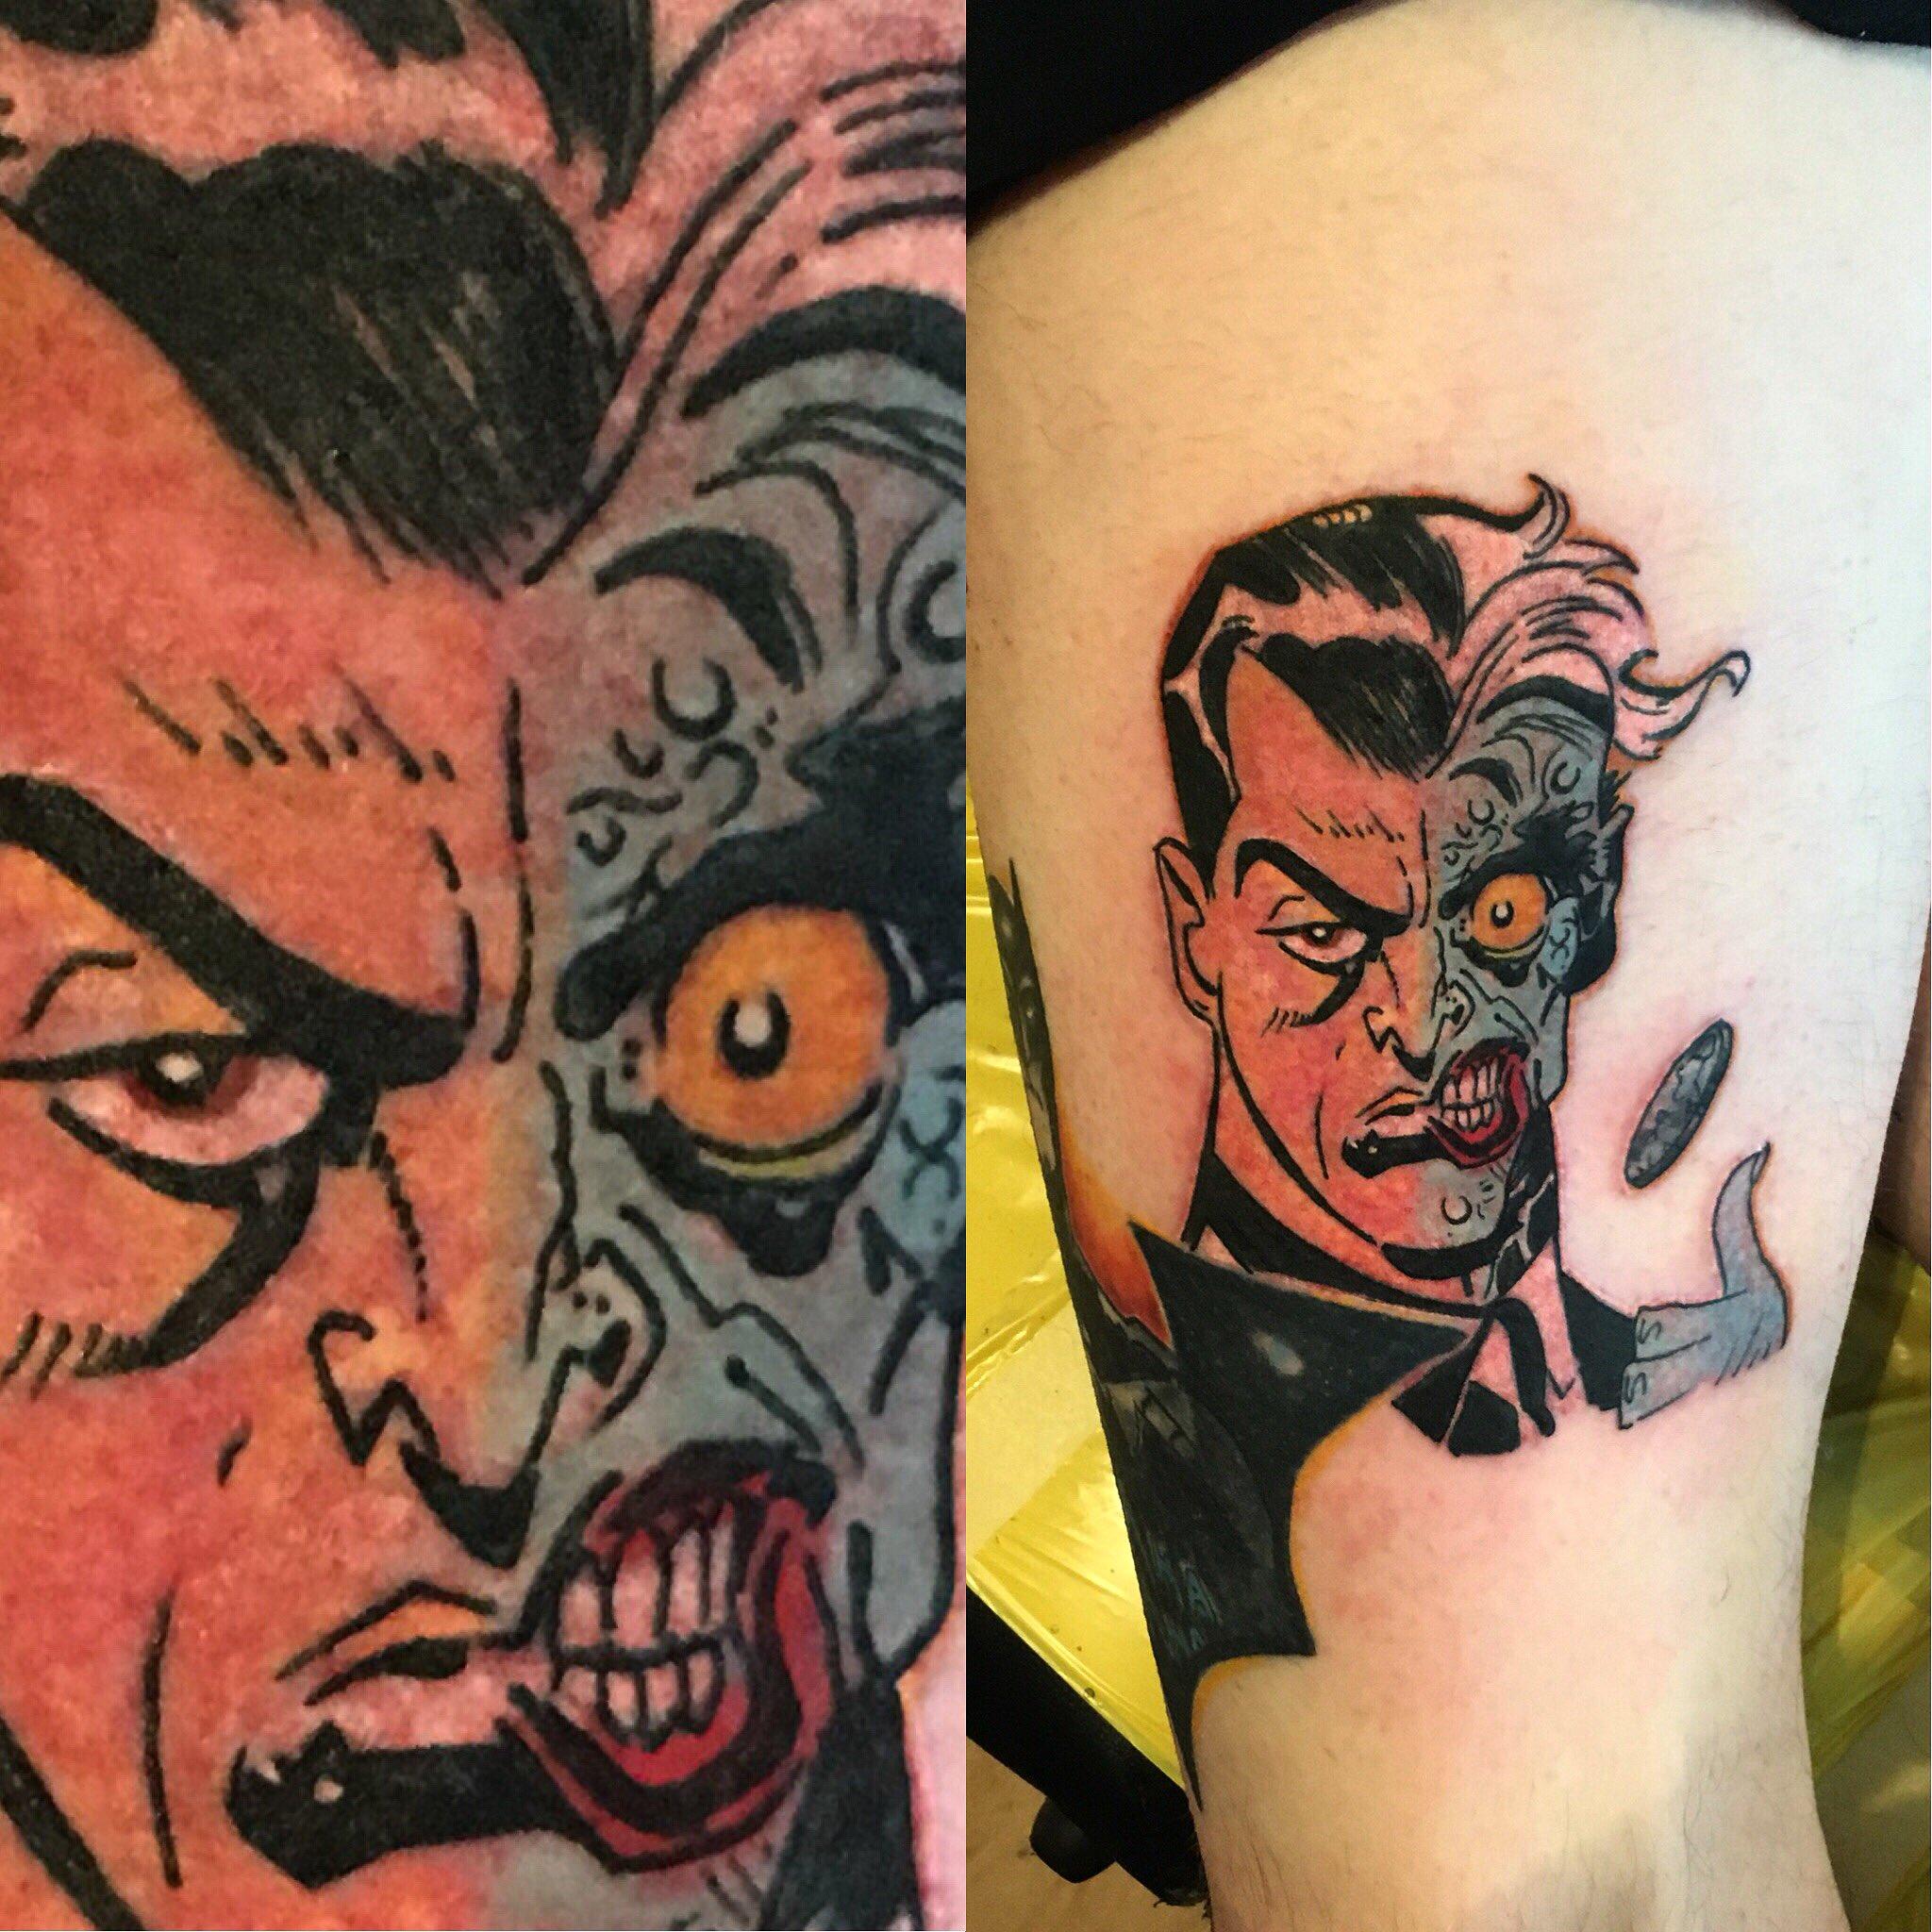 franco on Twitter: old school two face #twoface #batman #